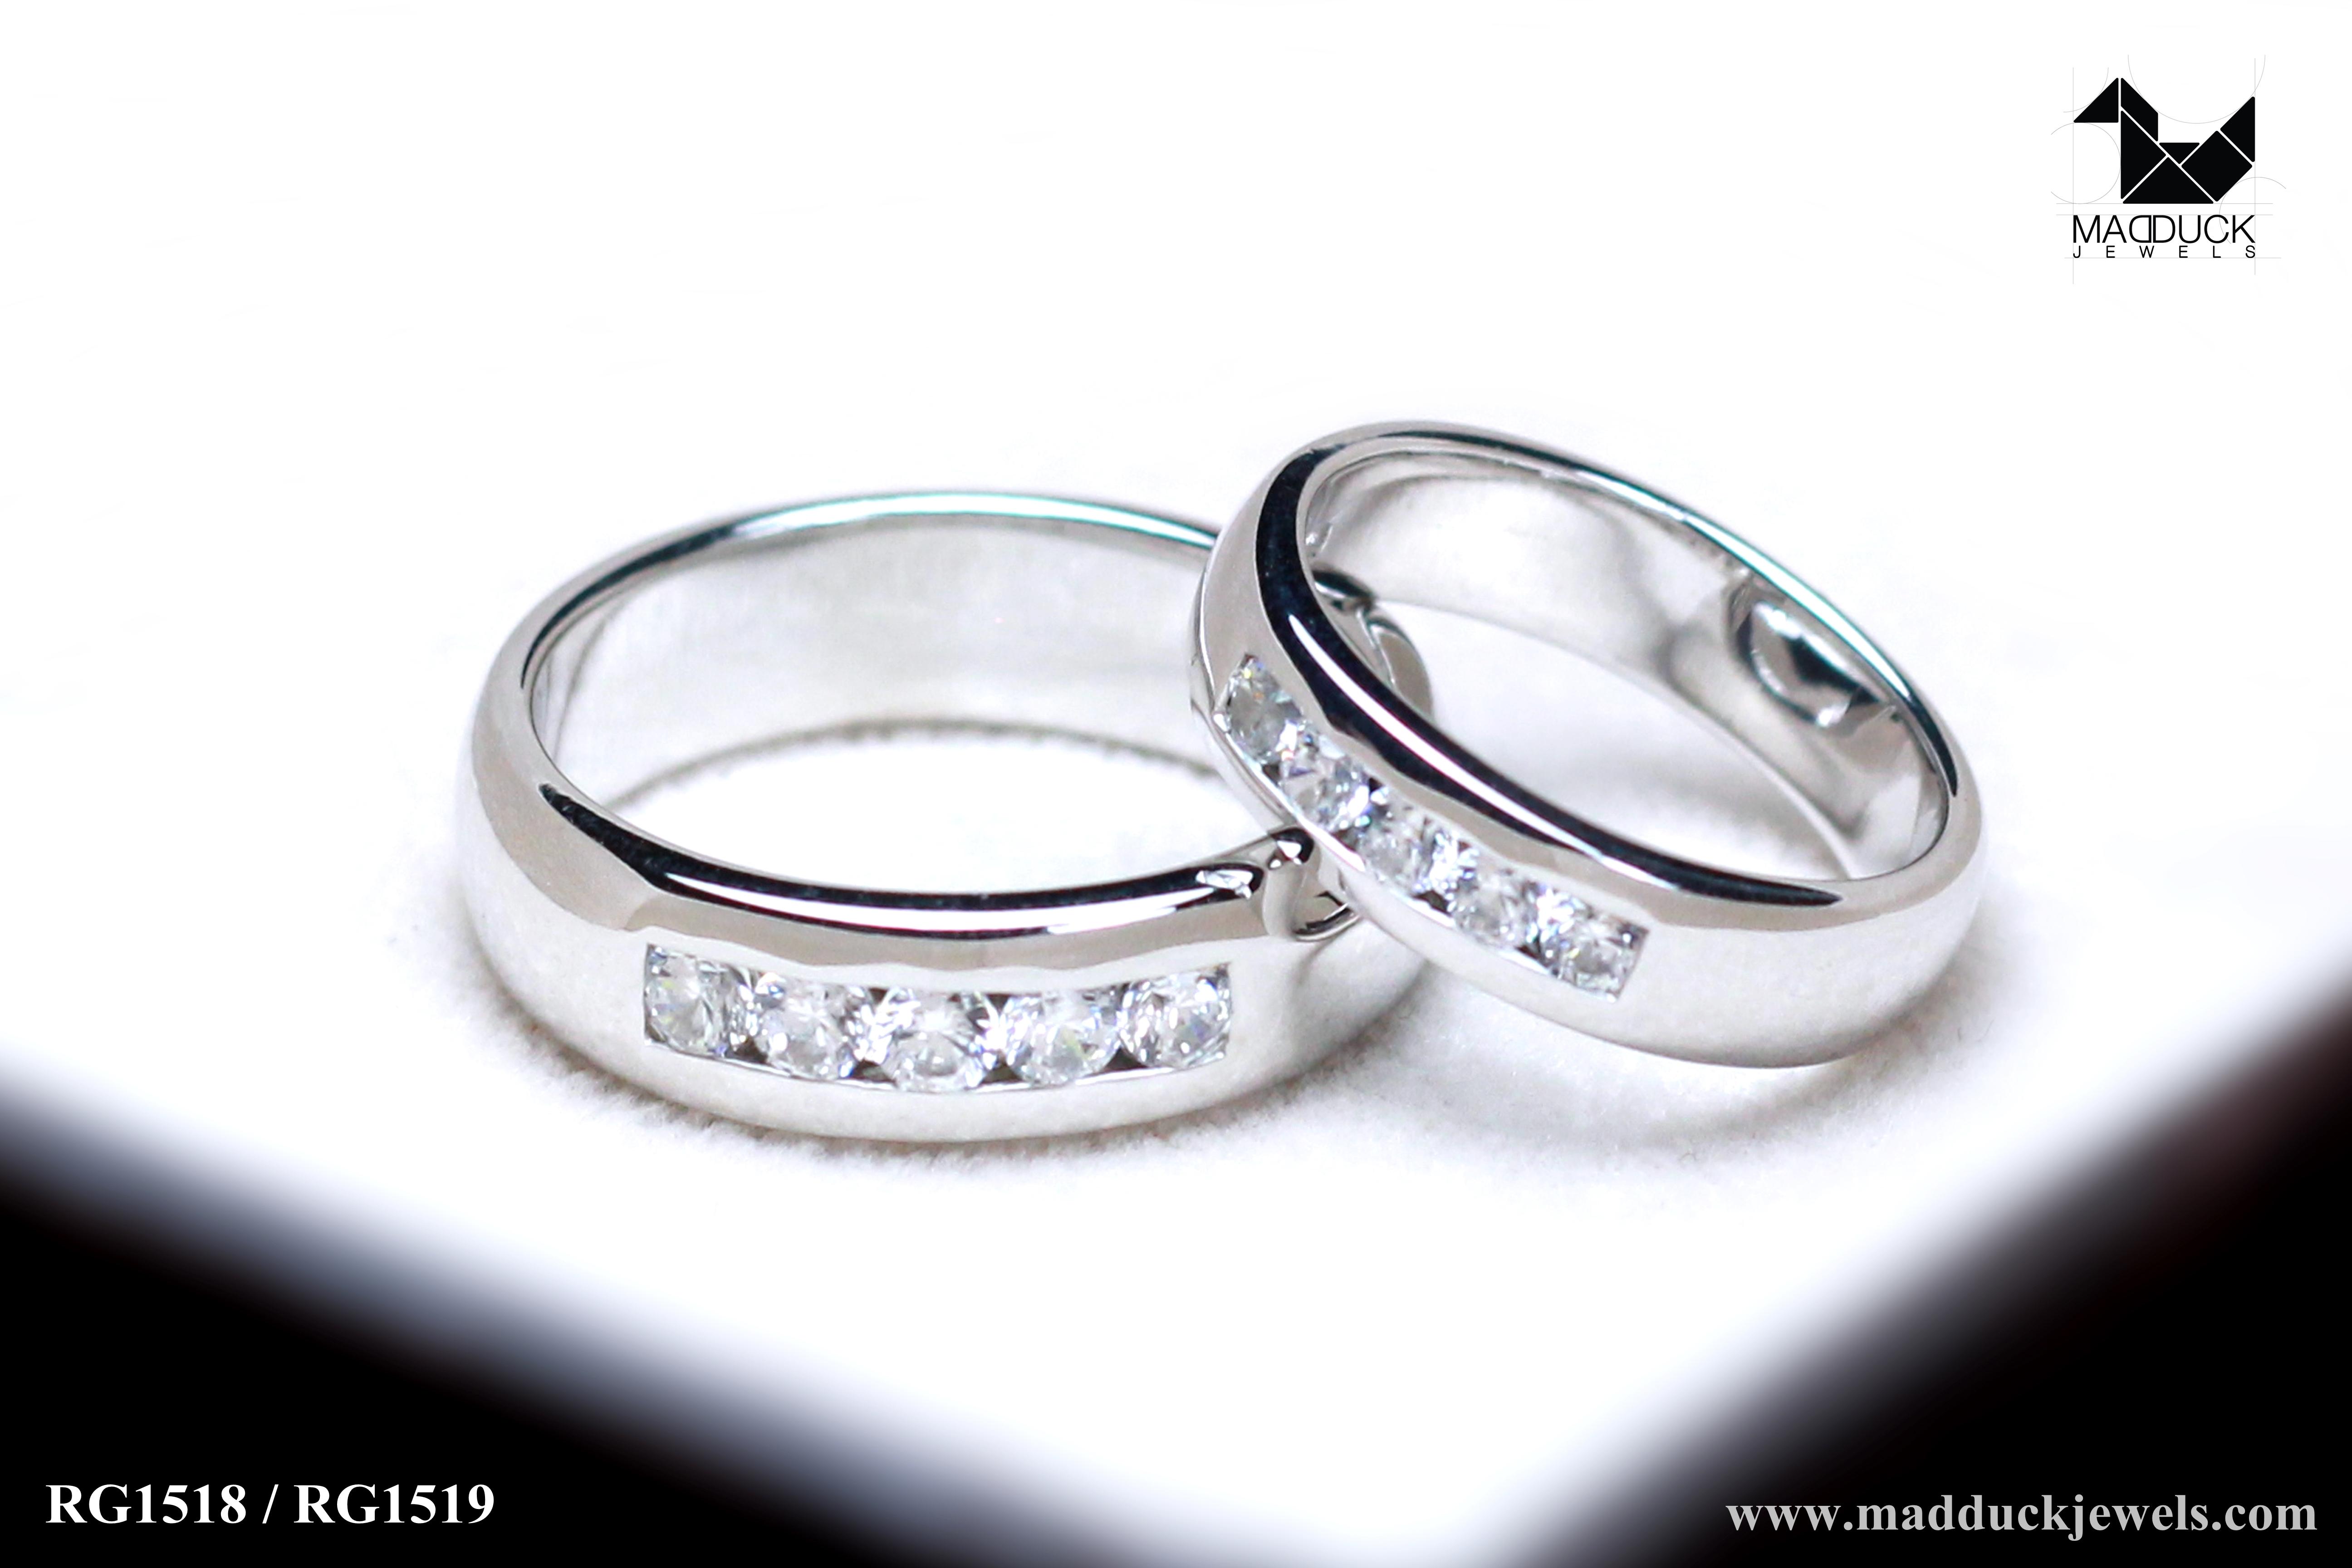 แหวนคู่รักเงินแท้ เพชรสังเคราะห์ ชุบทองคำขาว รุ่น LV15181519 Five Star